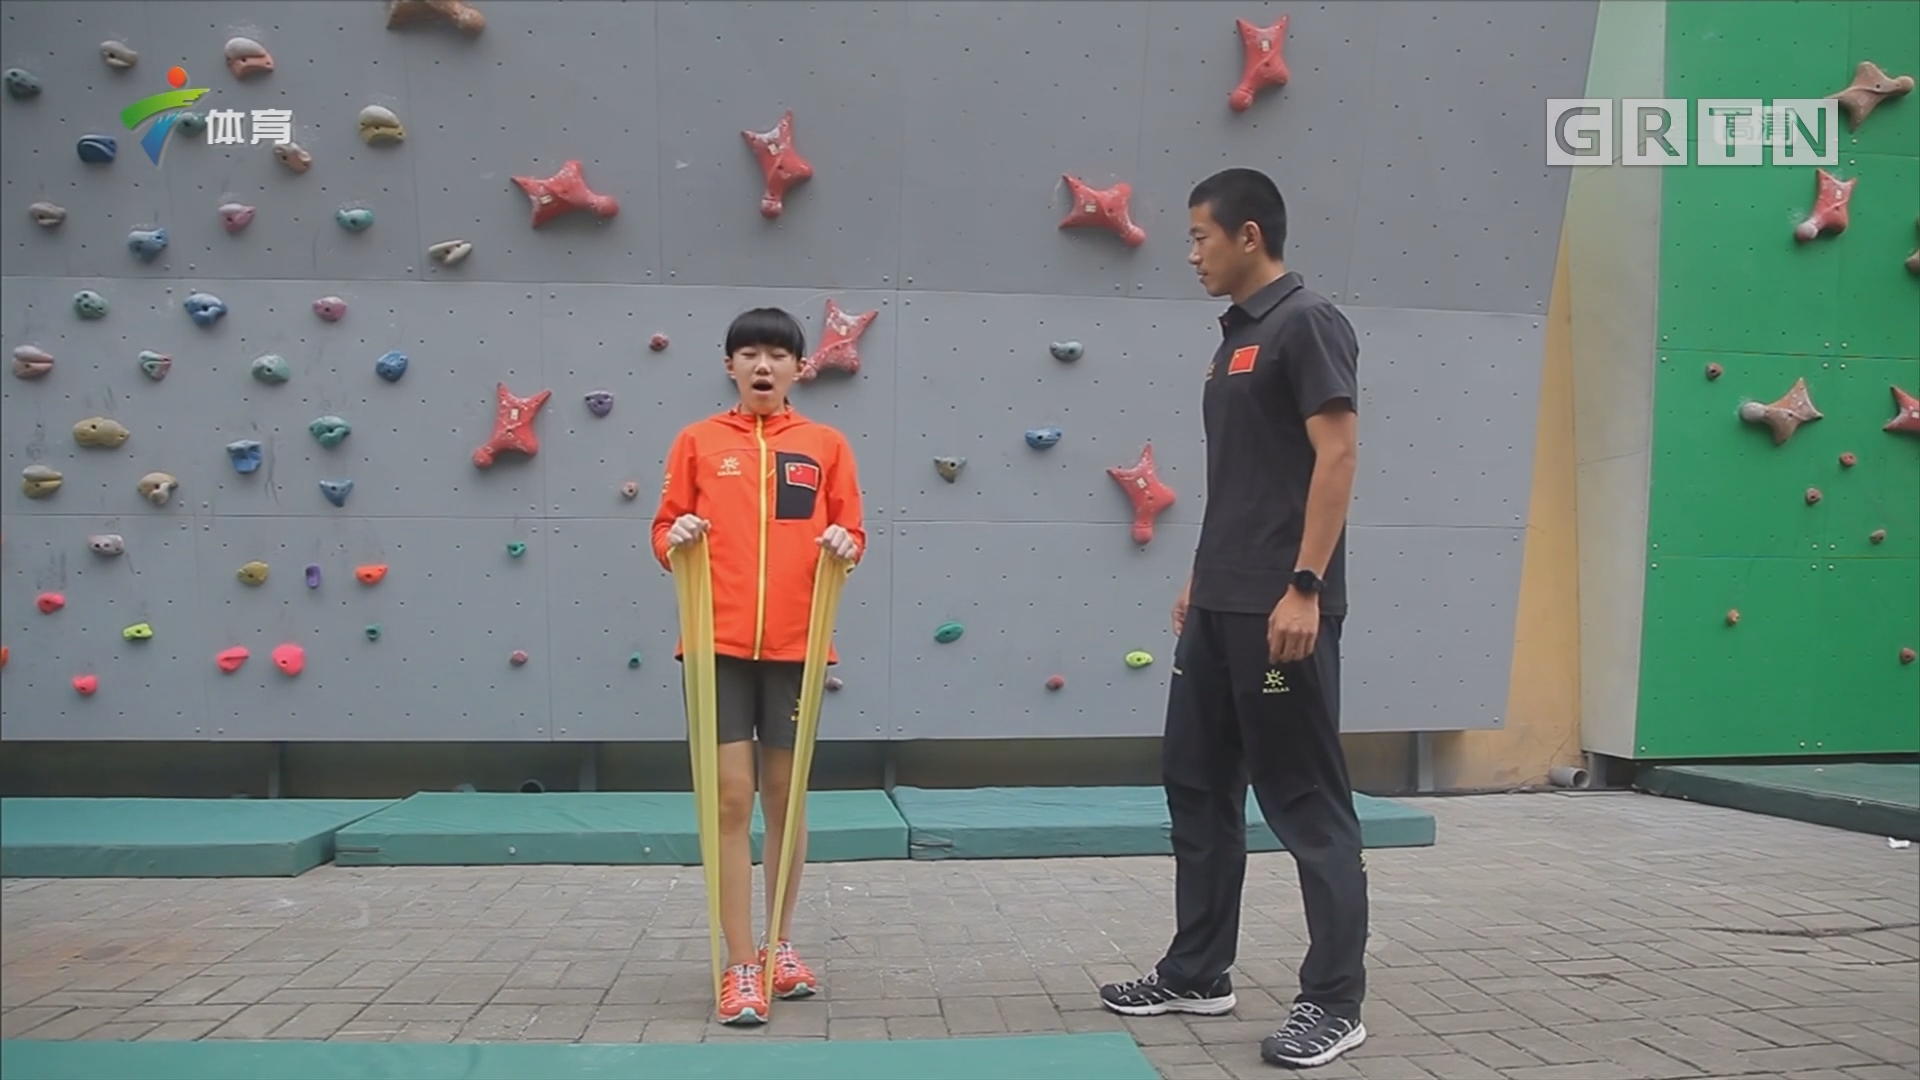 2017中国攀岩公开赛 赛场下的小选手